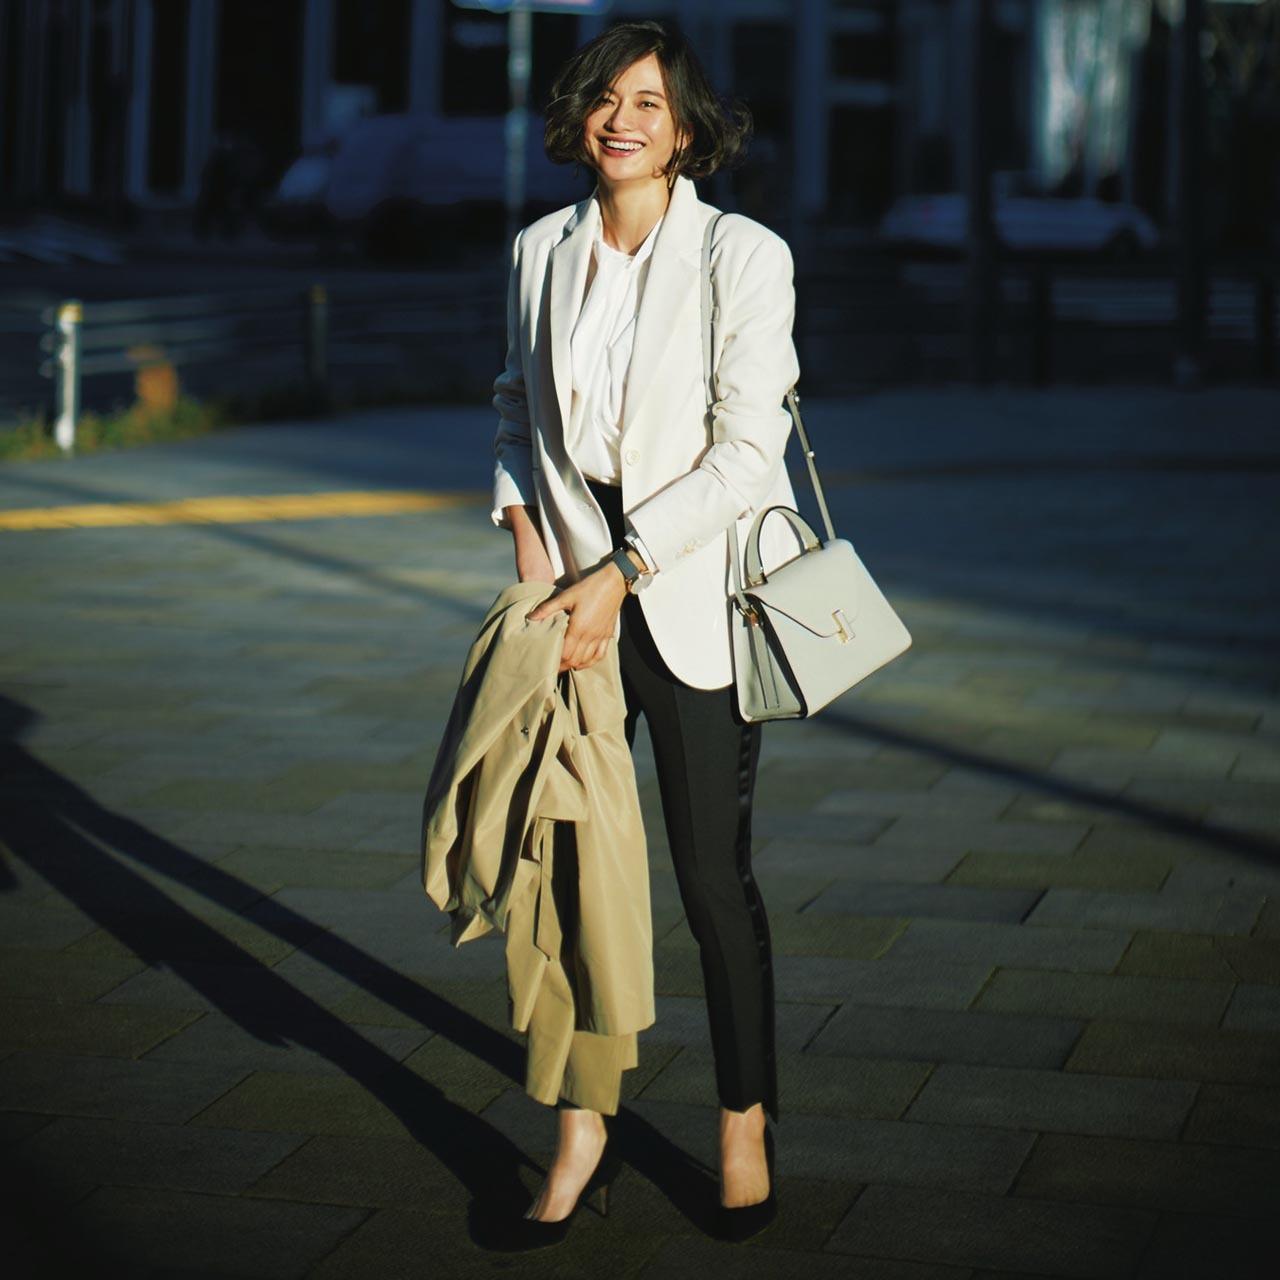 ロングジャケット×ブラウス×黒パンツコーデを着たモデルの渡辺佳子さん